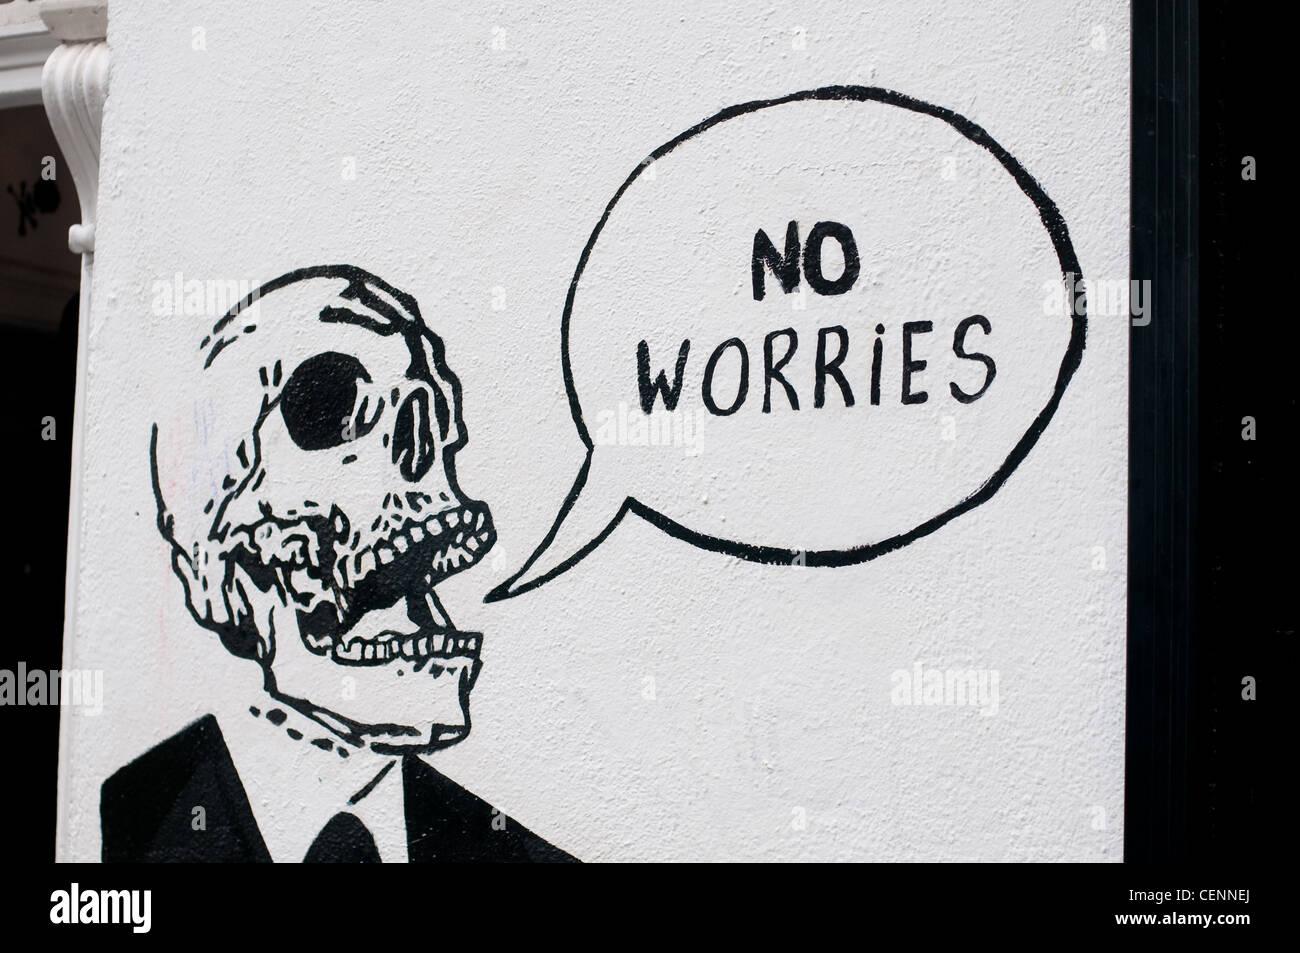 No worries - Graffiti - Stock Image